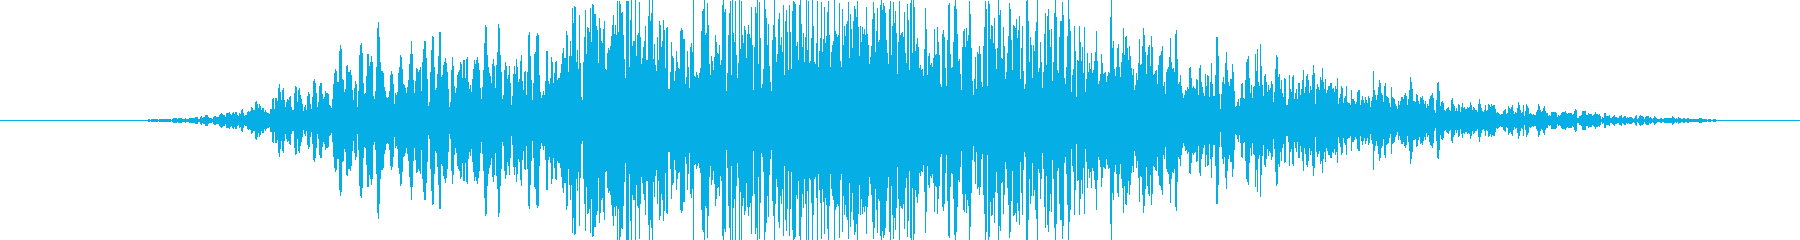 トランジション プロモーションパッド06の再生済みの波形